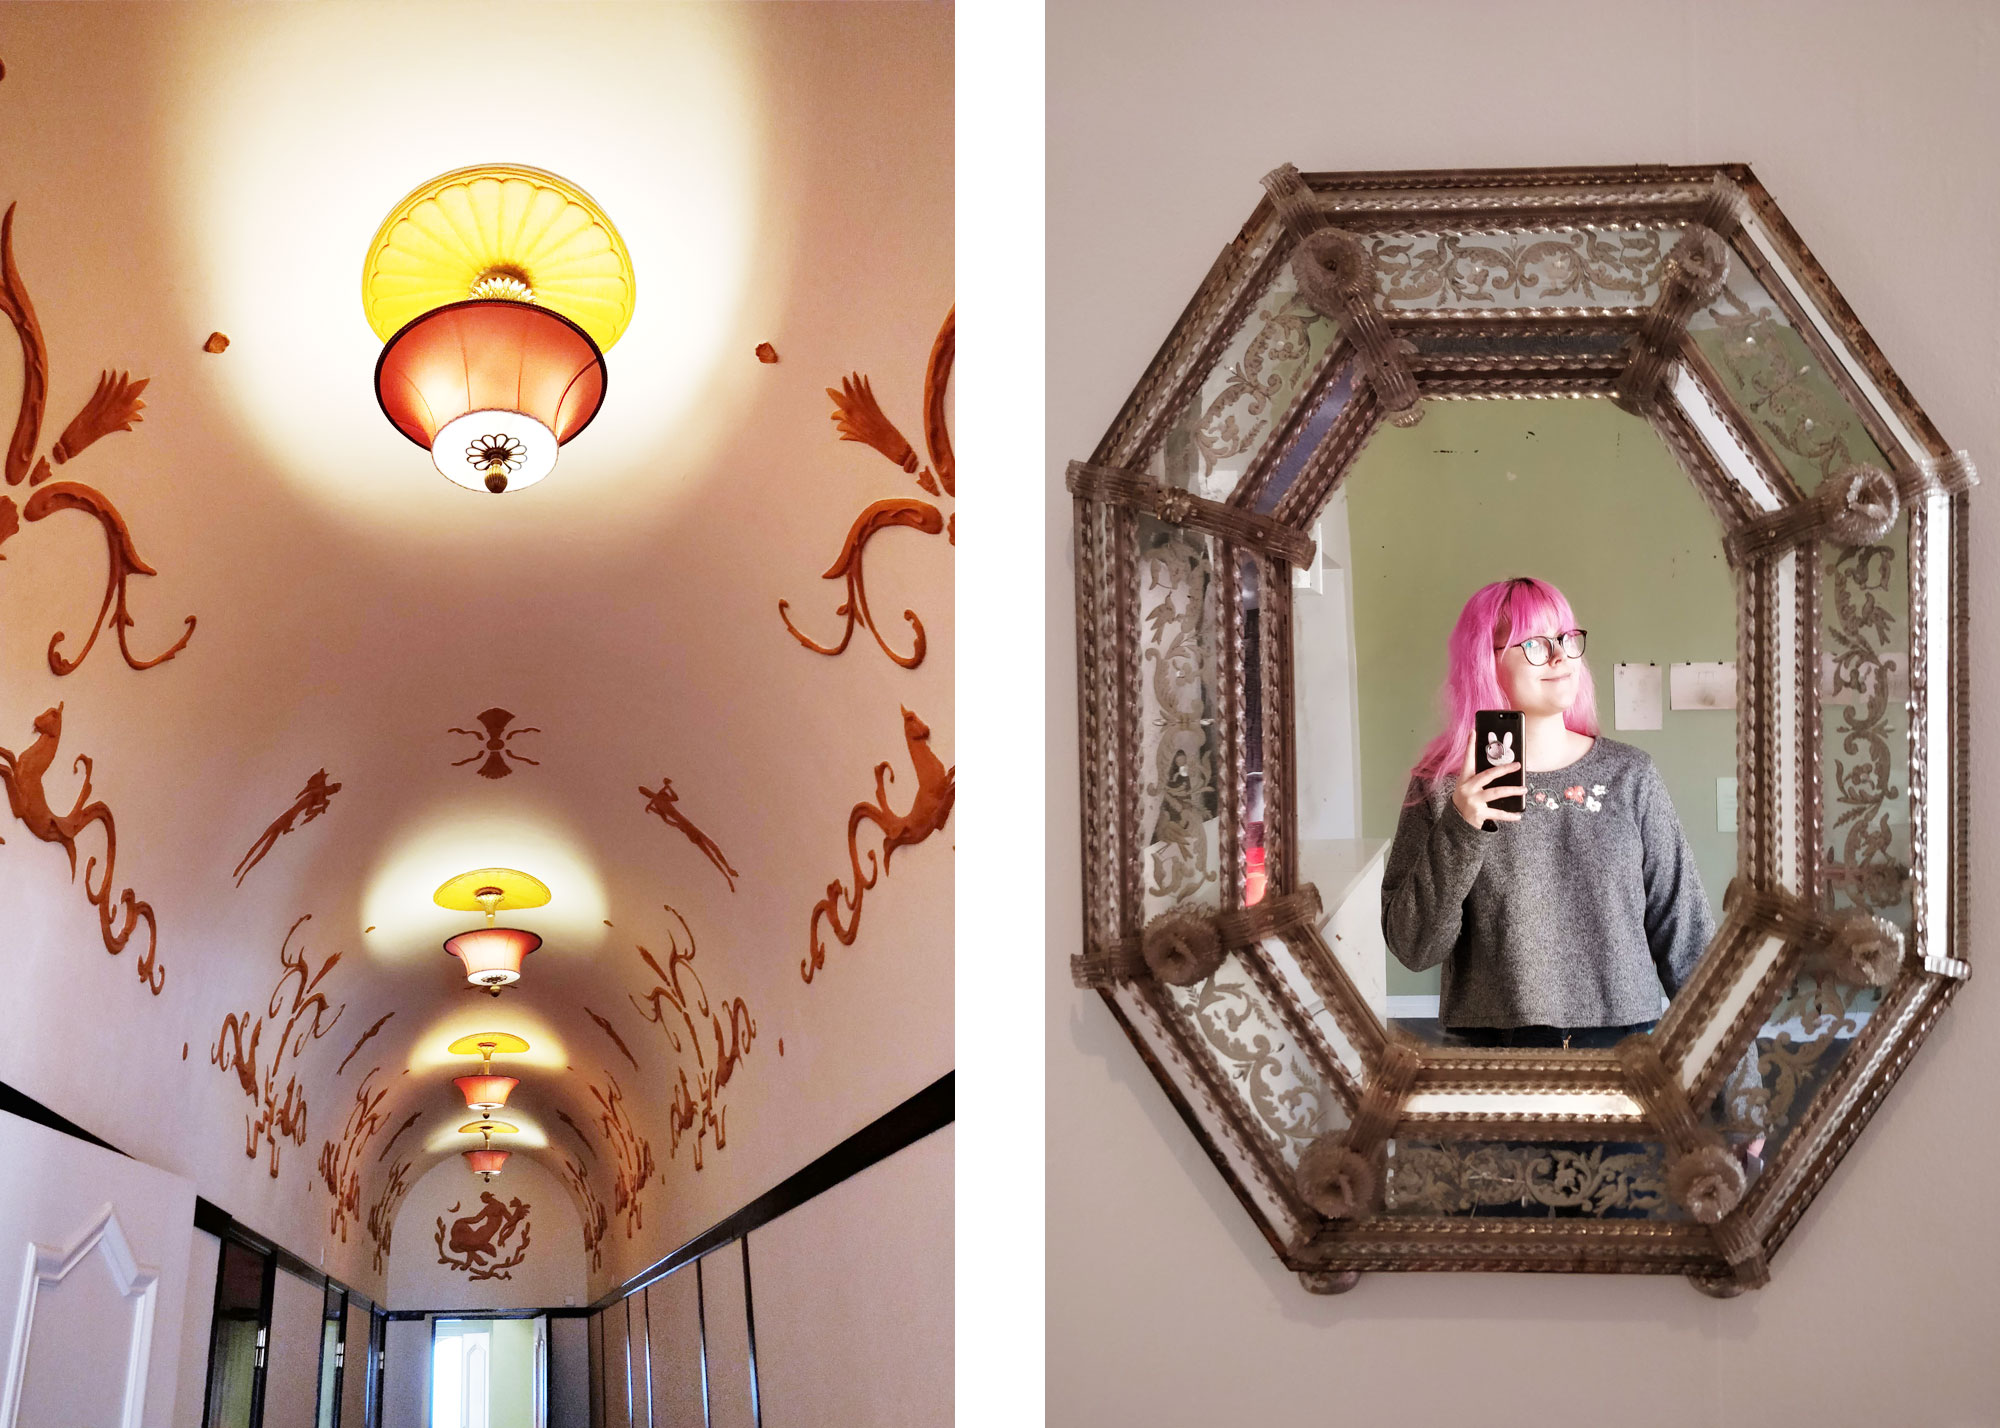 kartanon koristeellinen katto ja peili-selfie vanhasta peilistä